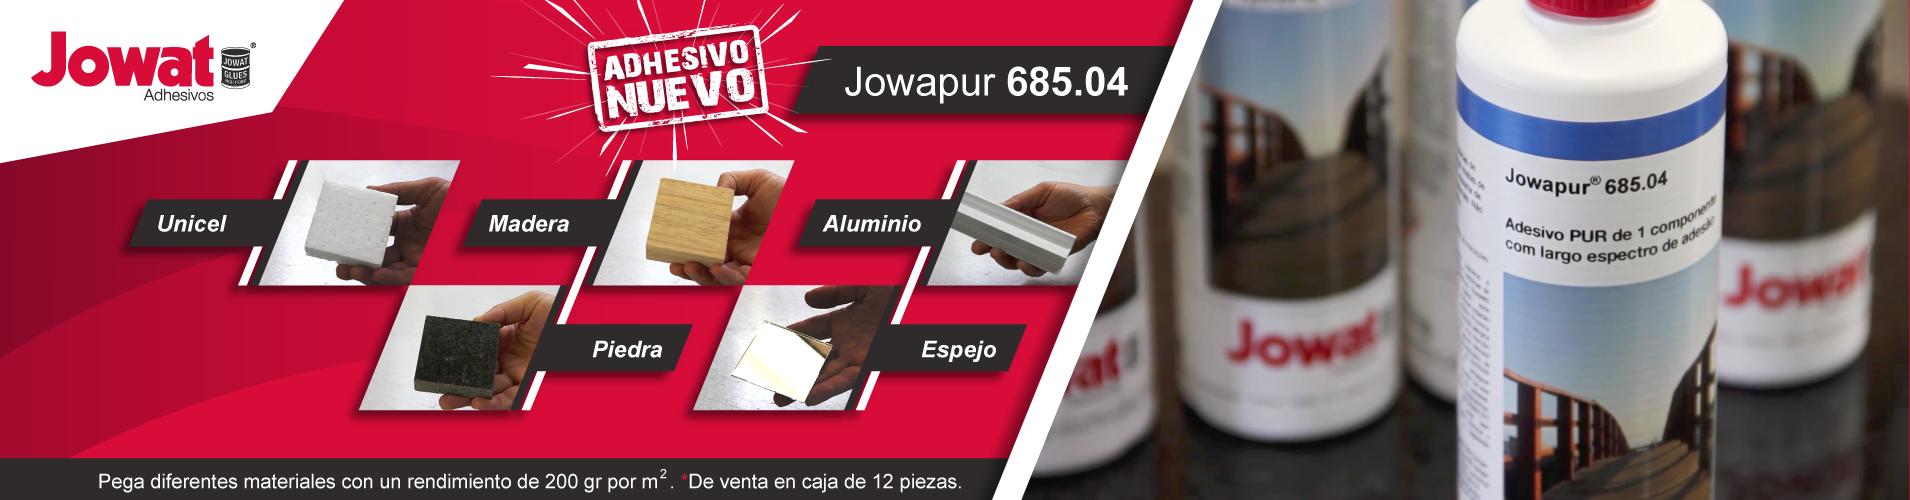 Jowat 685.04